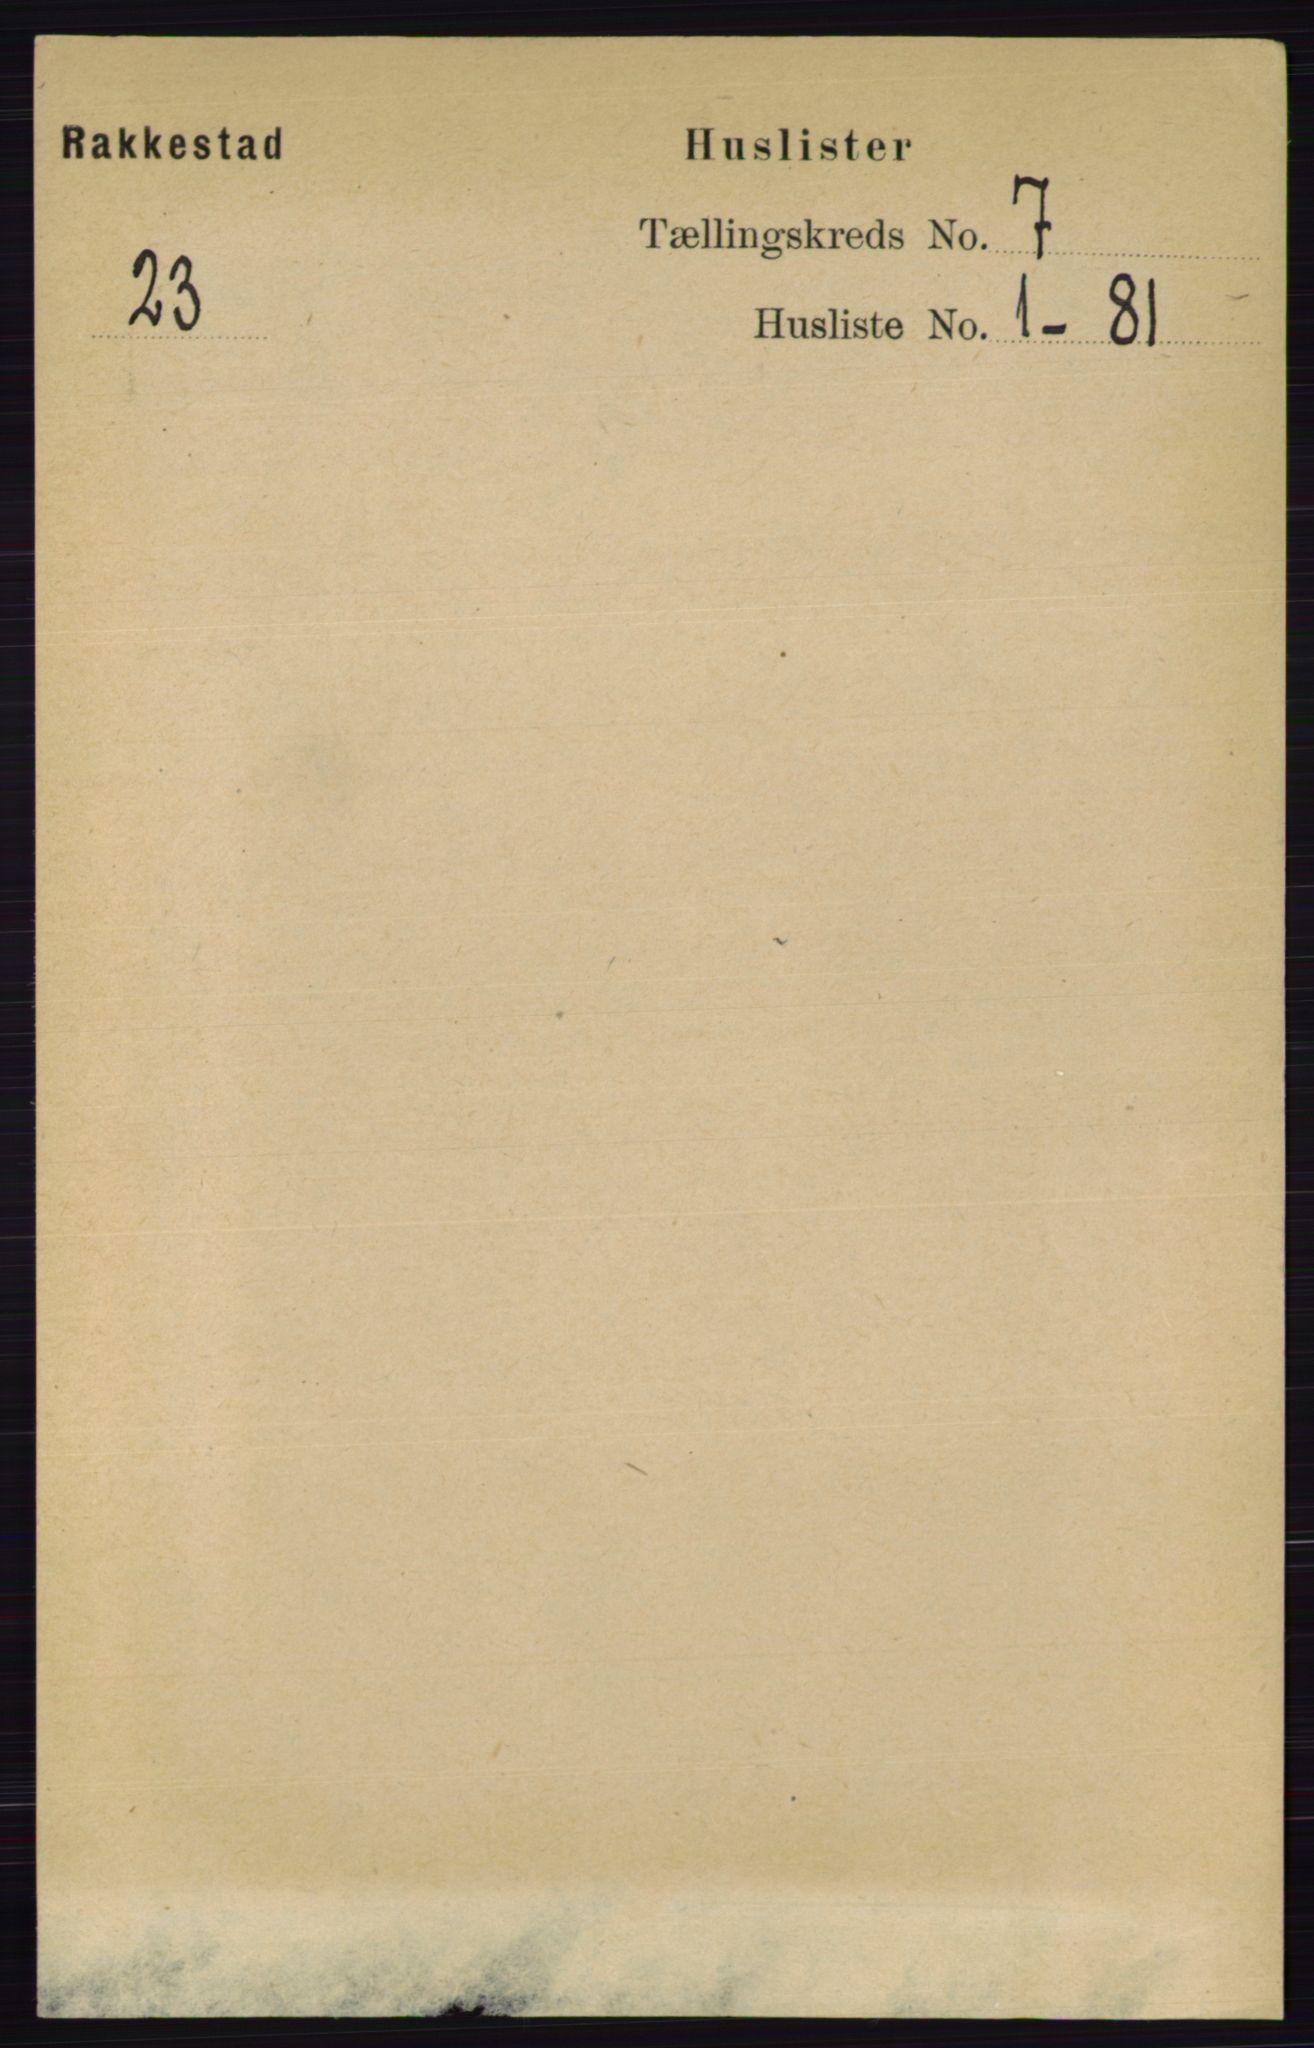 RA, Folketelling 1891 for 0128 Rakkestad herred, 1891, s. 3043